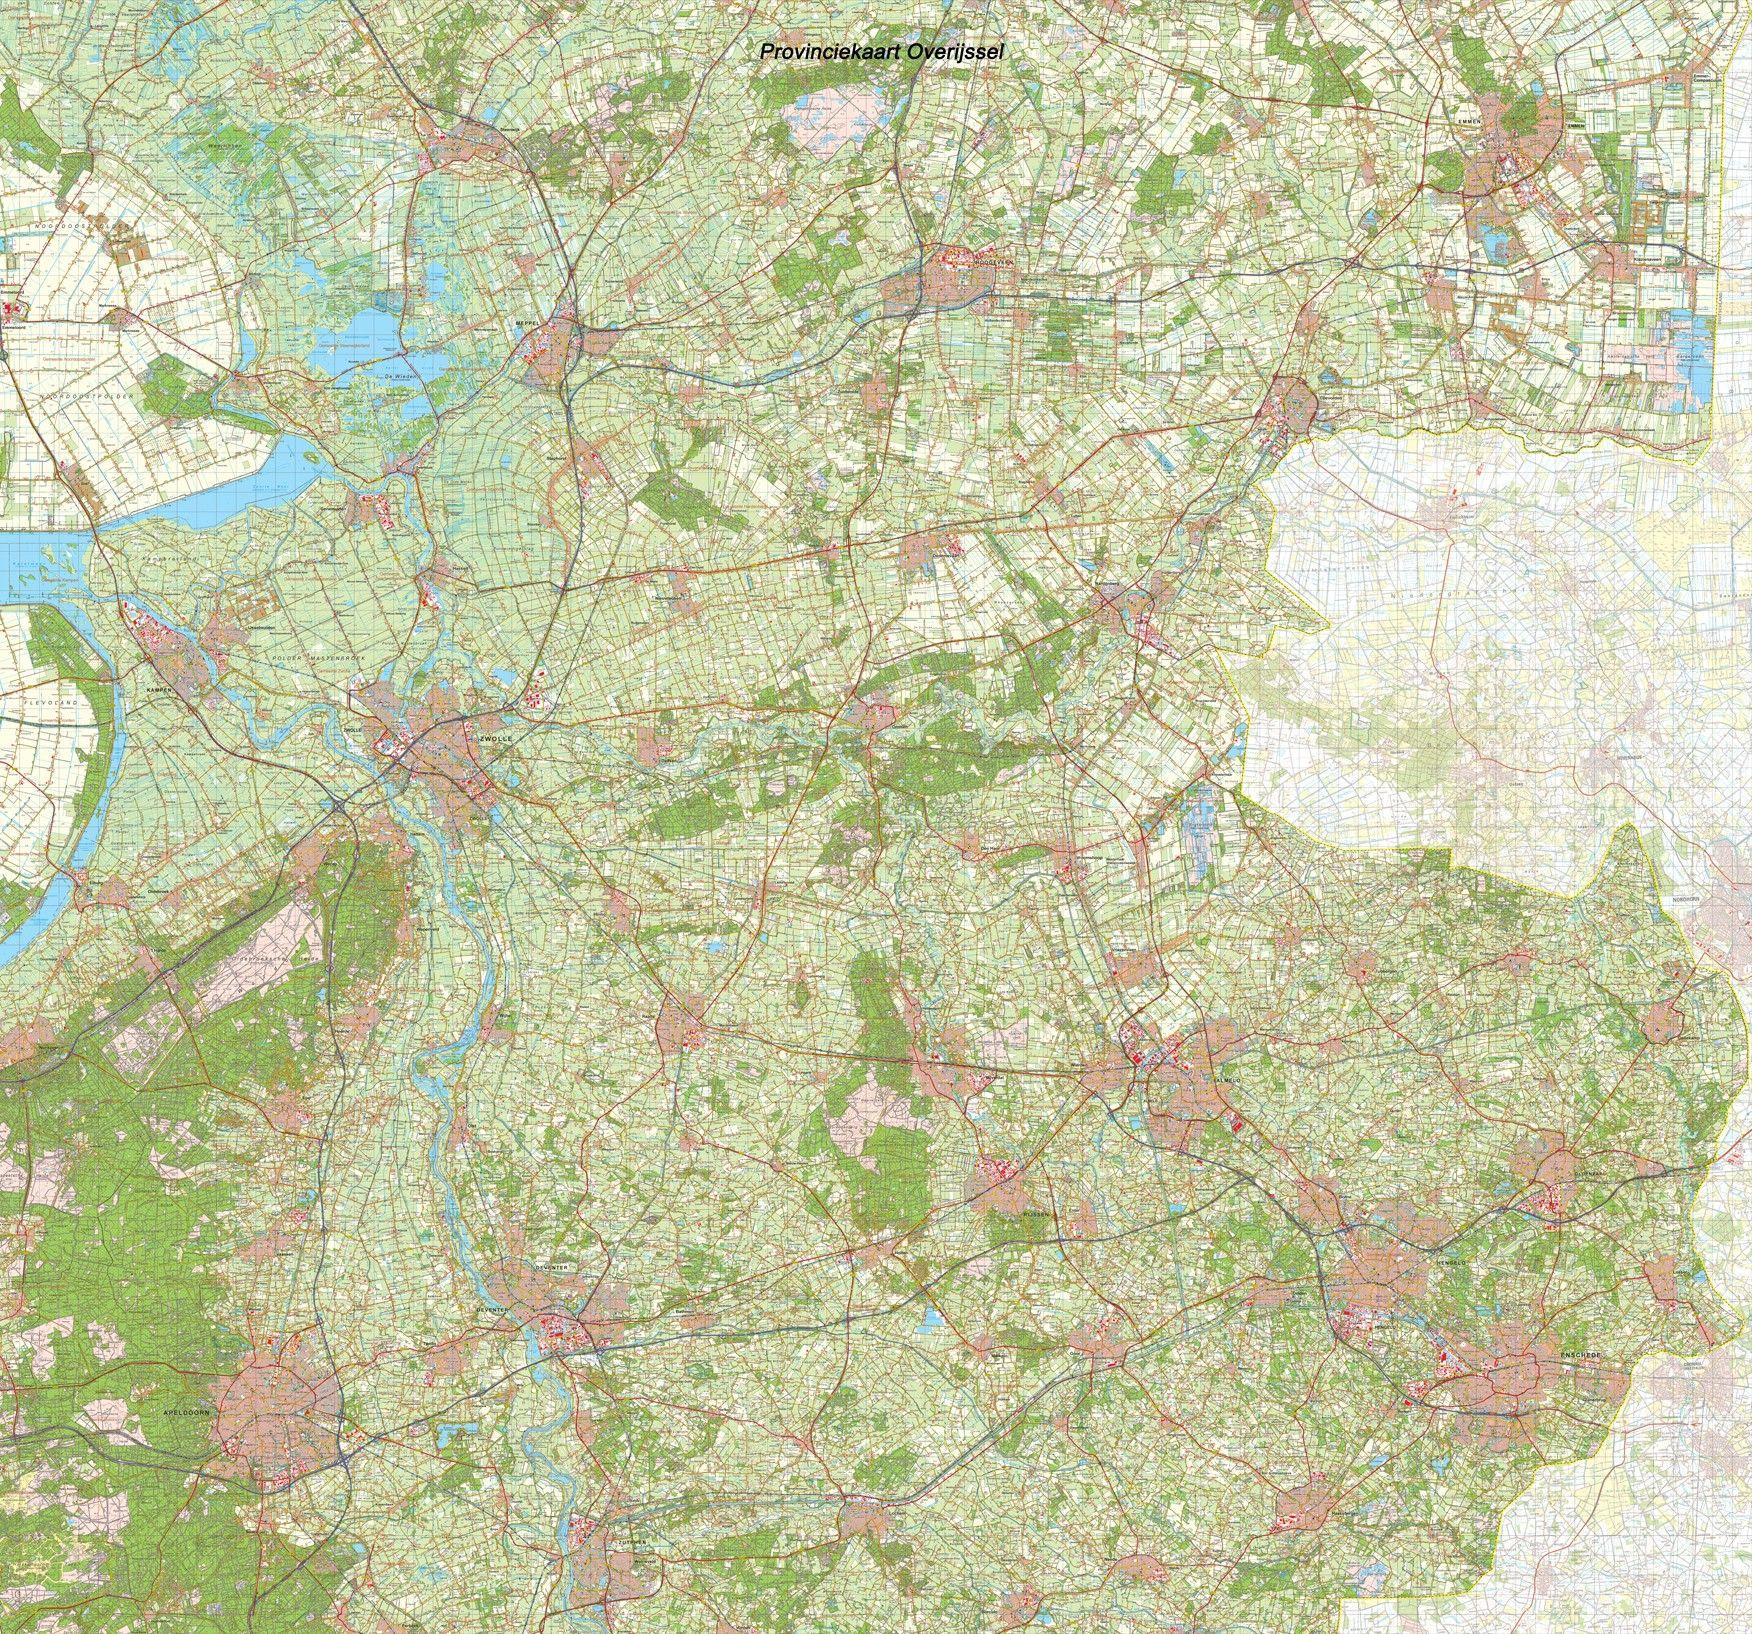 Provincie kaart Overijssel schaal 1:50.000